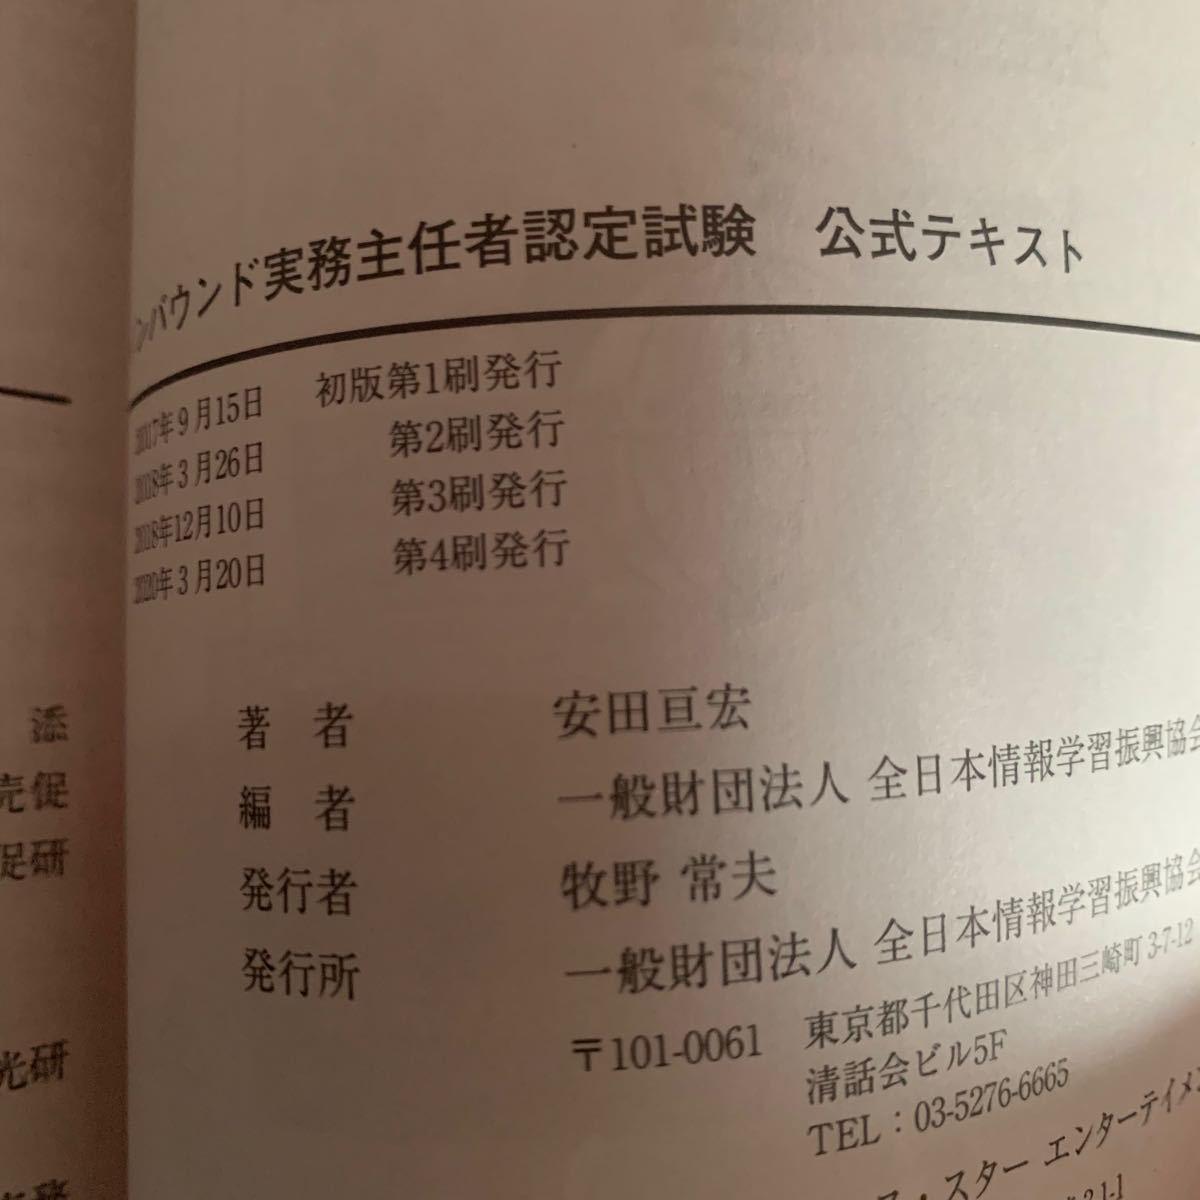 インバウンド実務主任者認定試験公式テキスト/安田亘宏